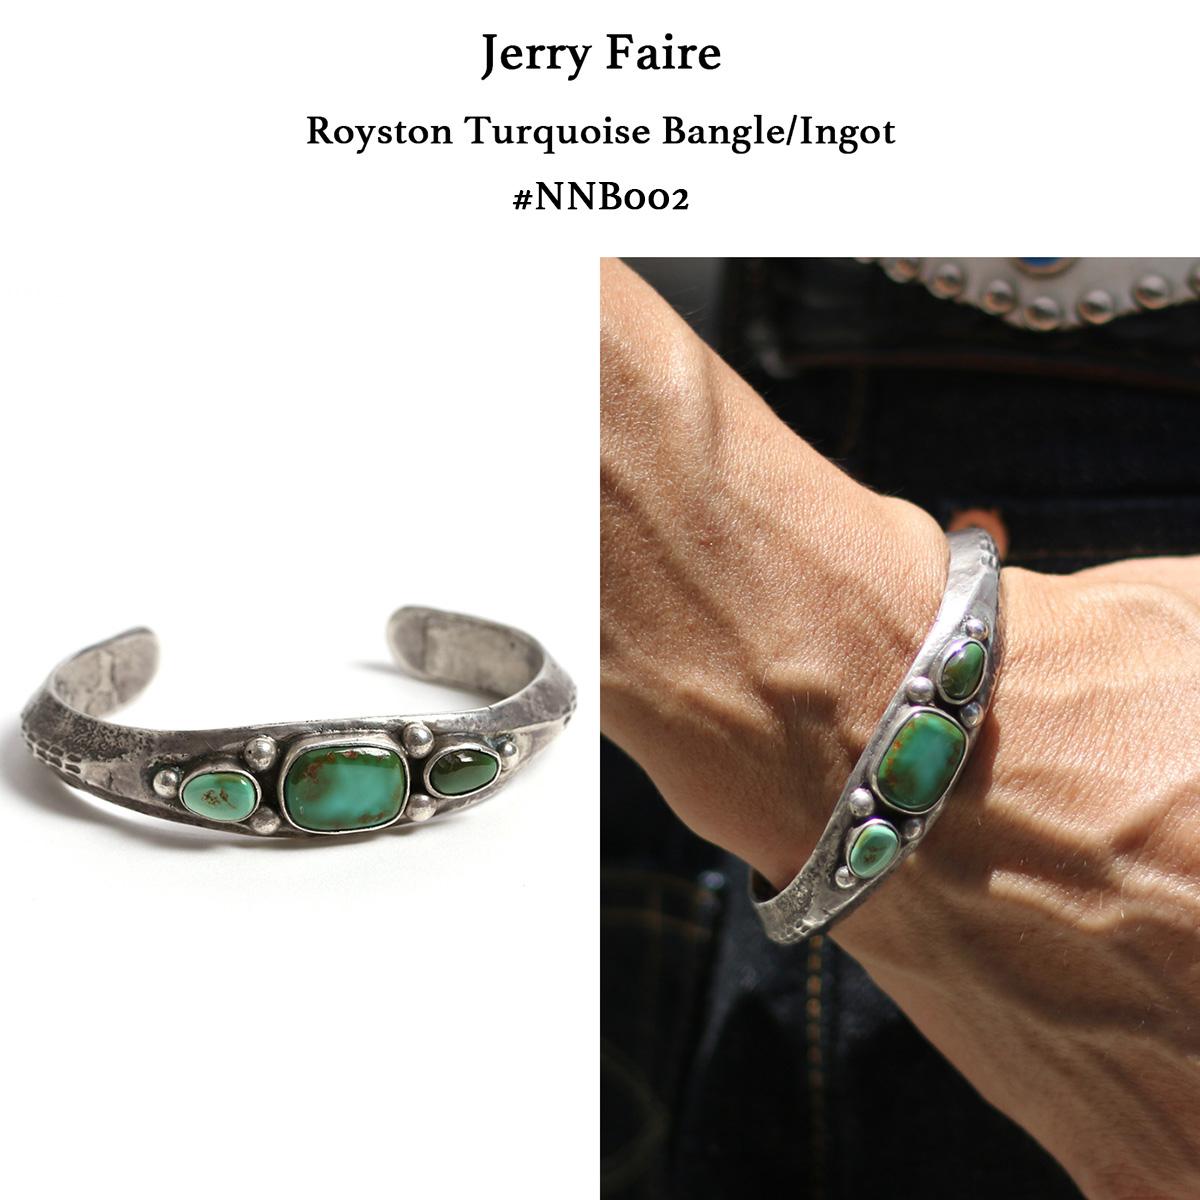 【メール便配送】 Jerry Faires(ジェリー フェアーズ) ロイストンターコイズバングル インゴット 【Non Native】#NB002 インディアンジュエリー